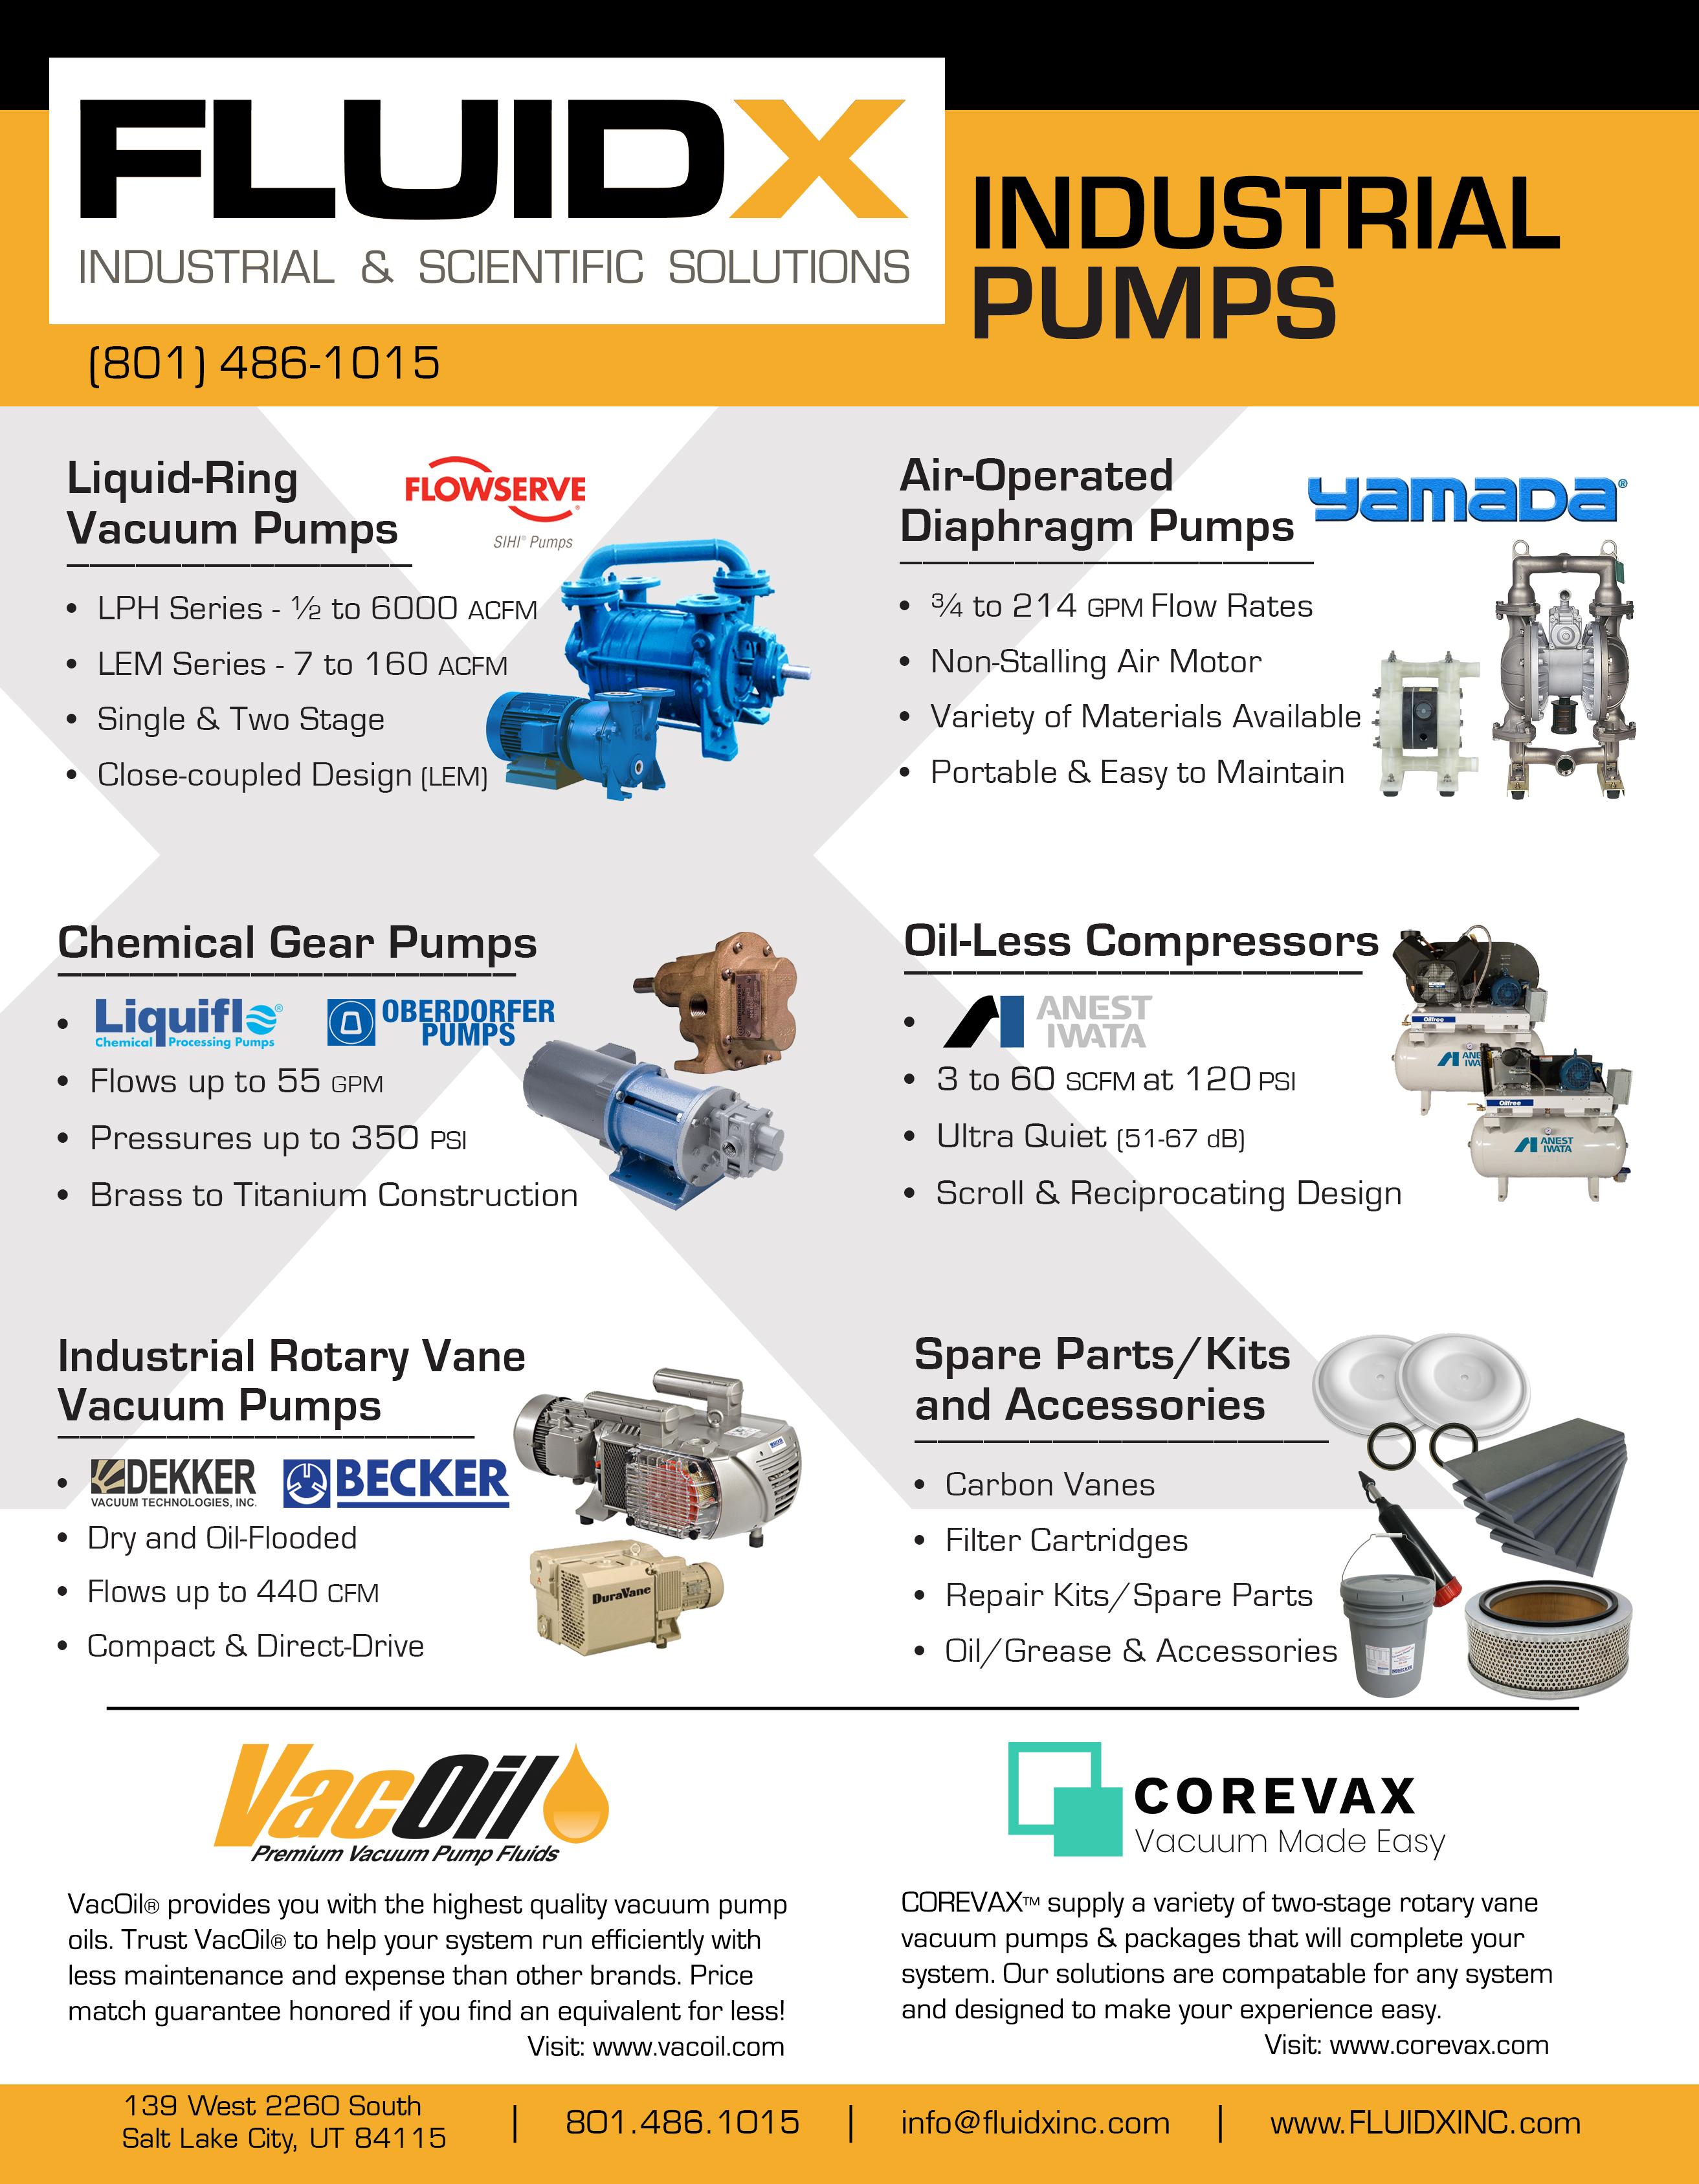 industrial-pumps.jpg